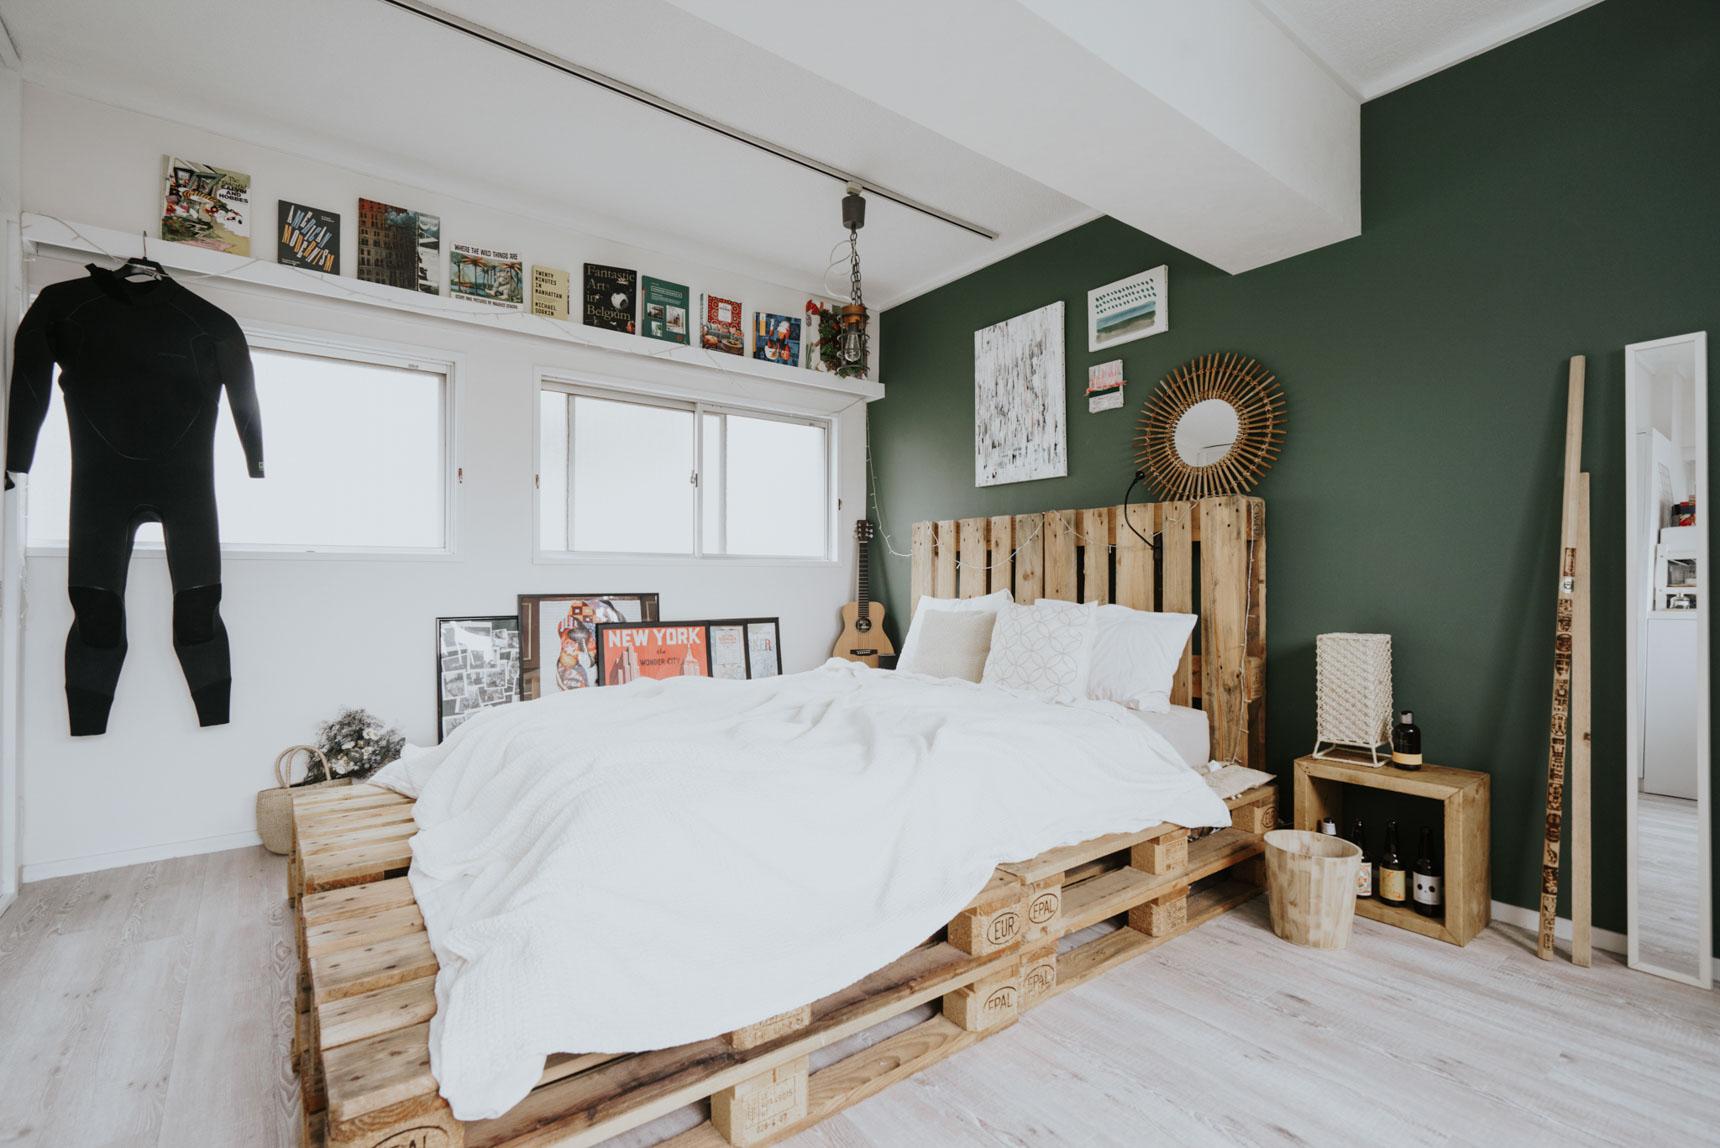 窓が多く明るいベッドルームも、同じグリーンの壁。その前にどん、と大きなベッドをおいて、海外のお部屋のような開放感がありますよね。